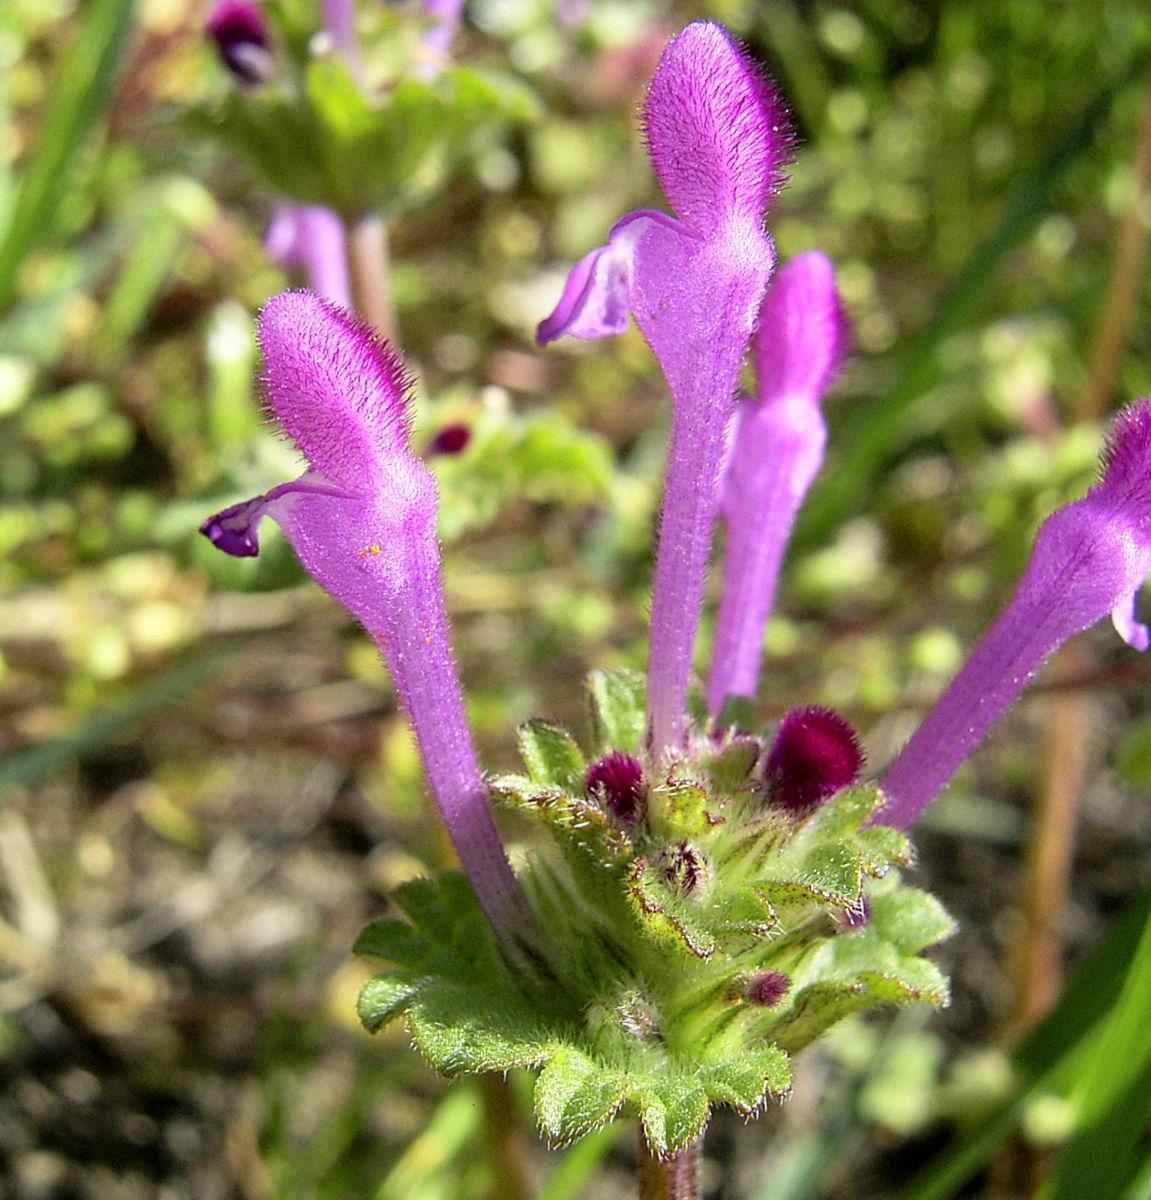 Staengelumfassende Taubnessel Bluete pink Lamium amplexicaule